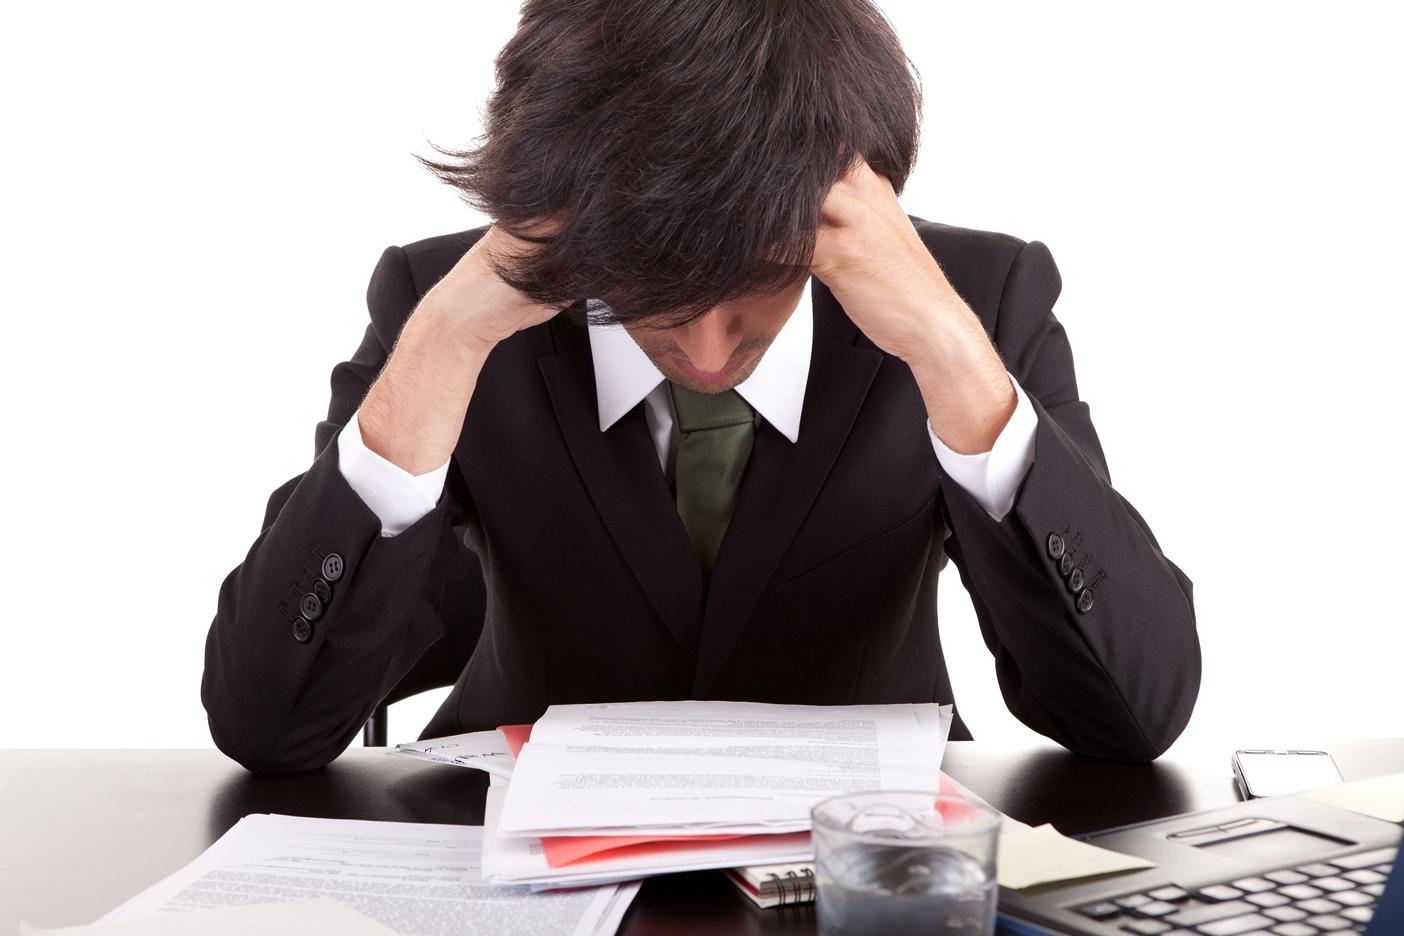 Αφεντικό που γκρινιάζει; Πέντε τρόποι για να το αντιμετωπίσετε!